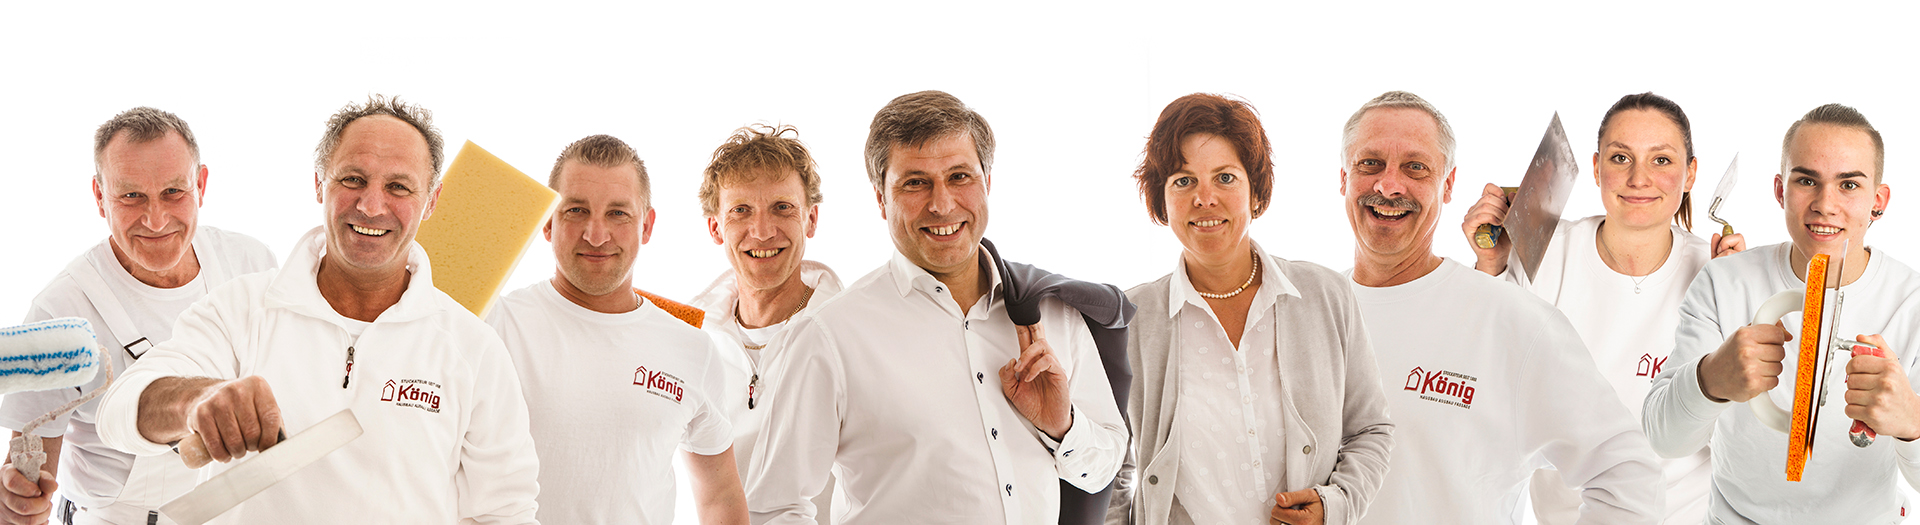 Fotografie für das Handwerk: das Stukkateur Team